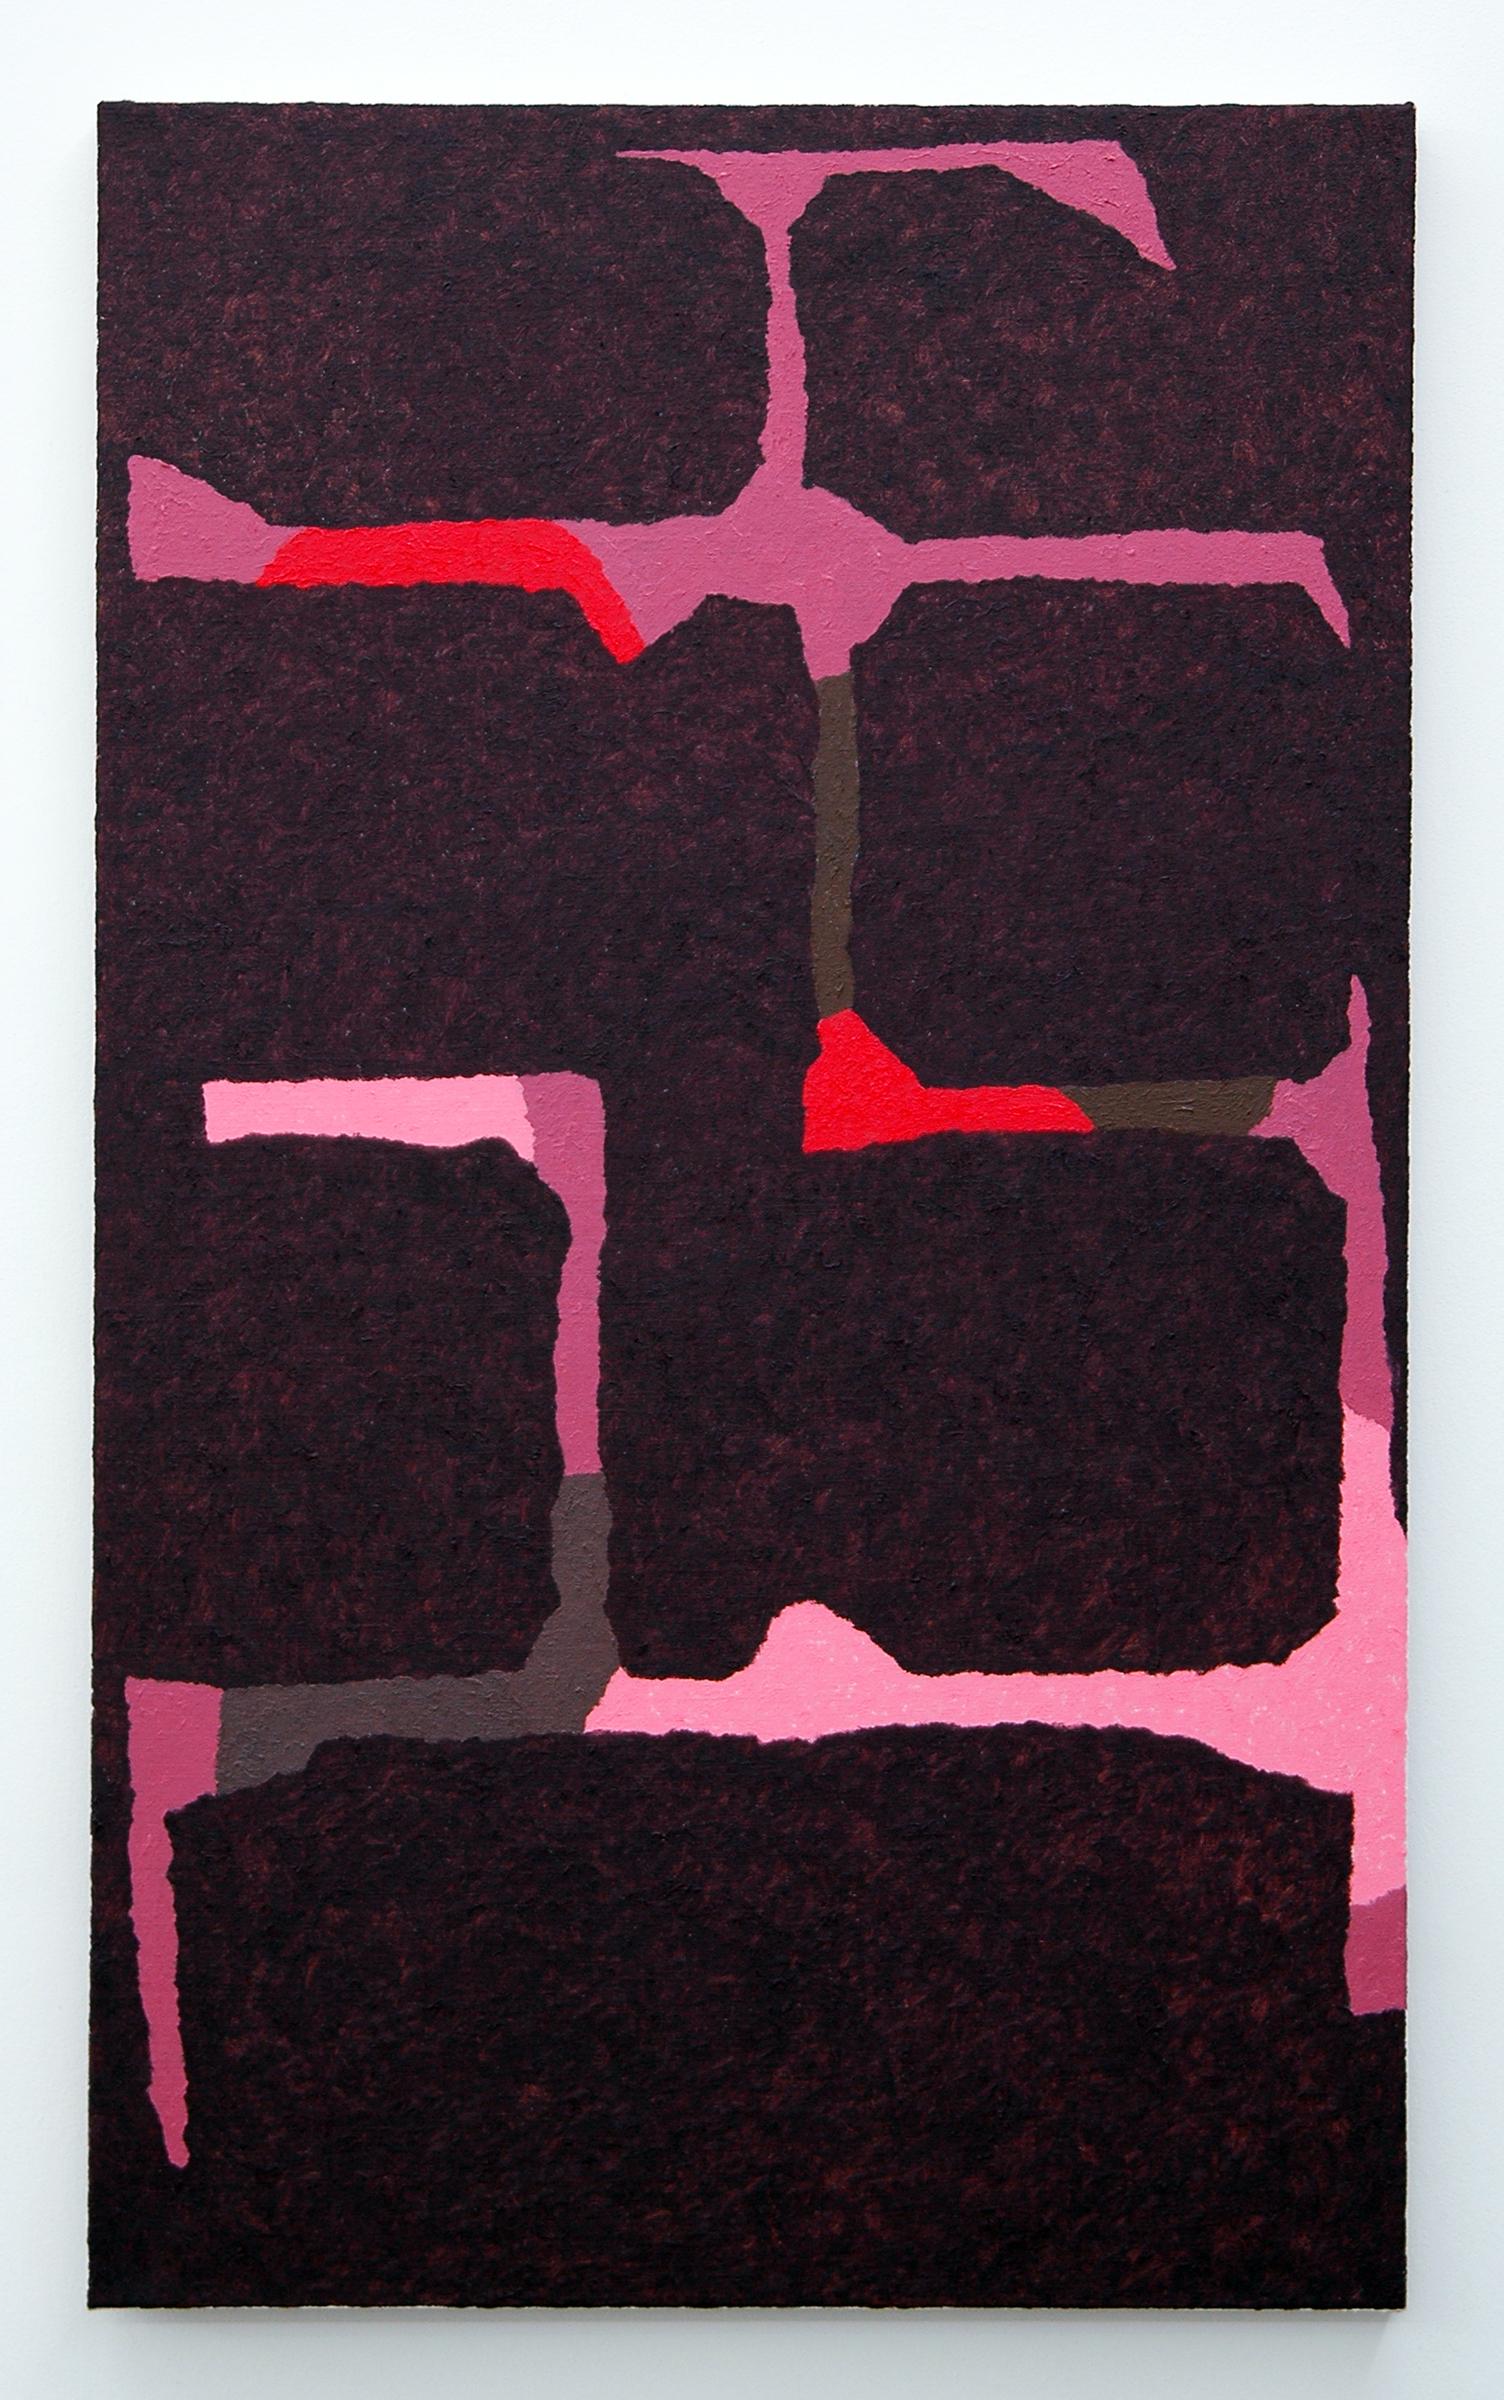 """/SLASH/  Burno Fazzolari, Dat Rosa (BFP214), oil on linen, 30"""" x 18"""", 2014"""